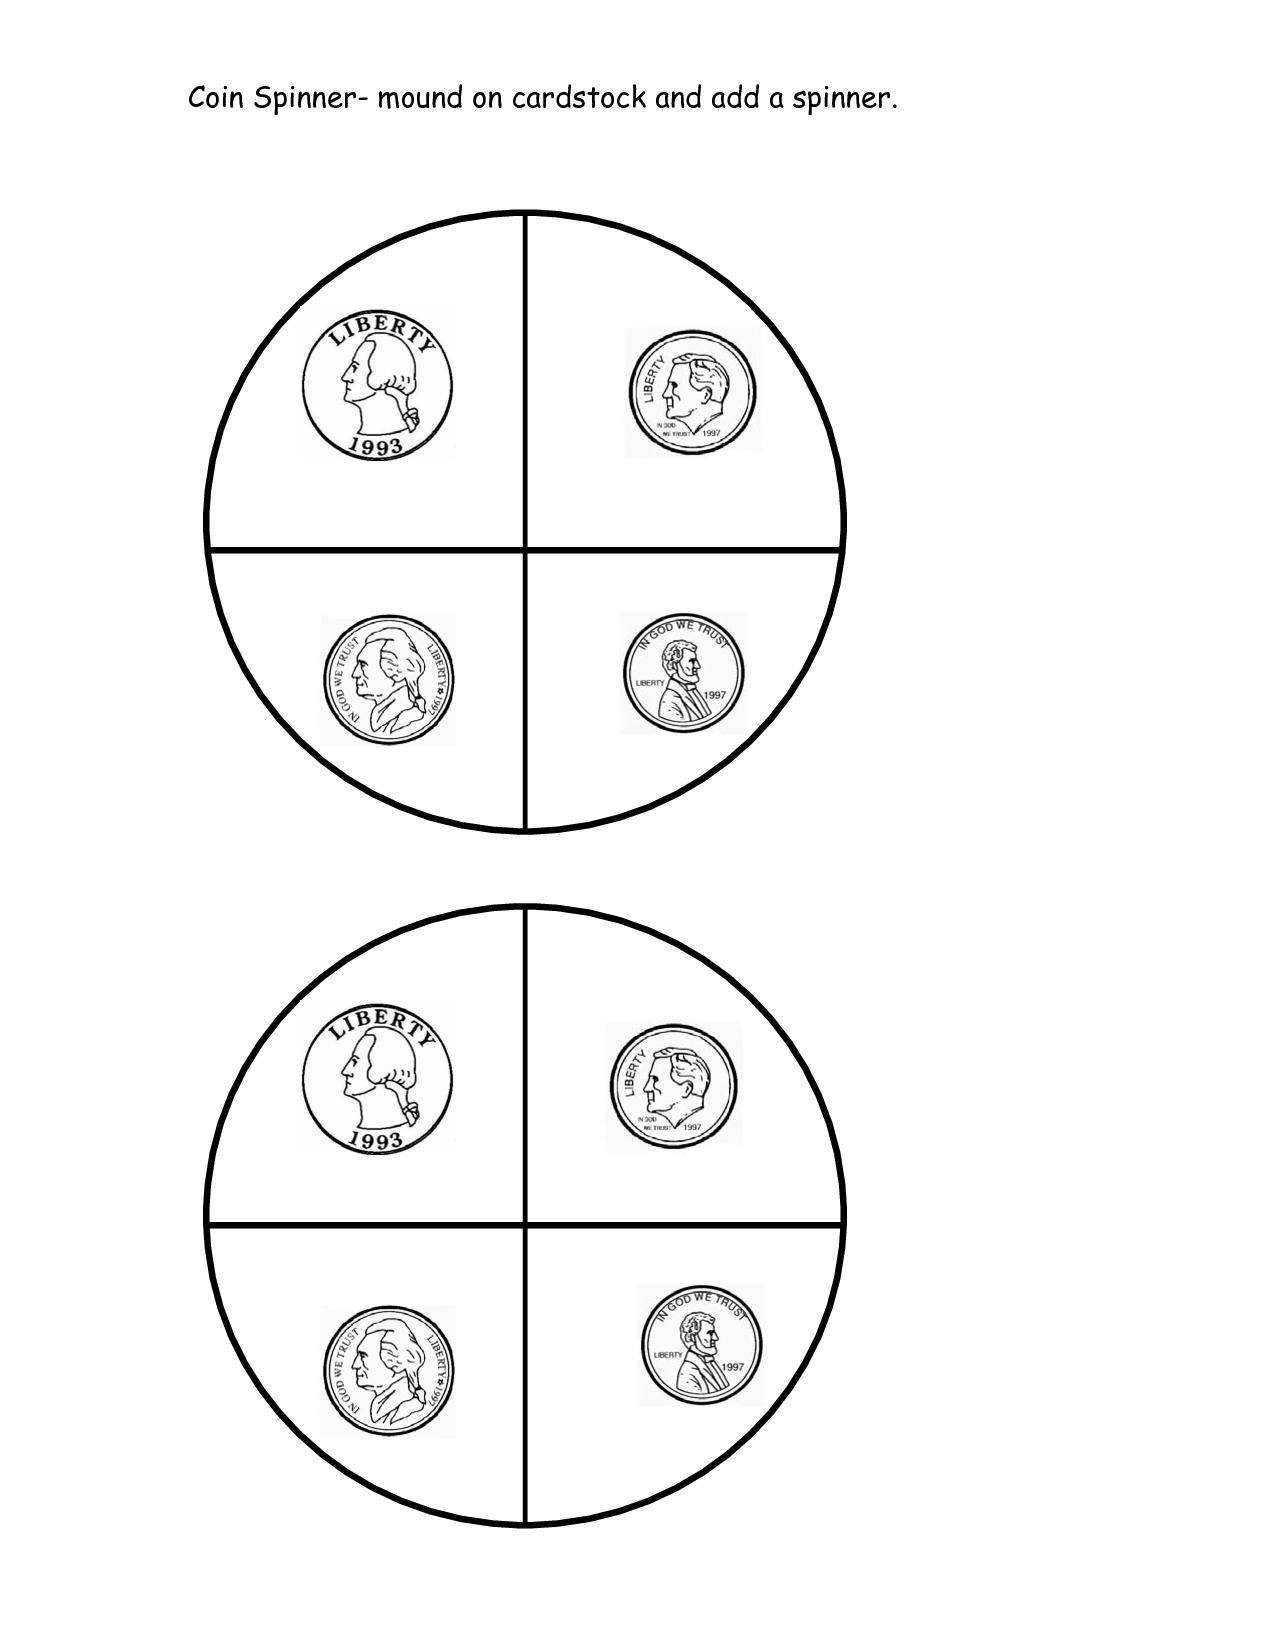 Coin Spinner